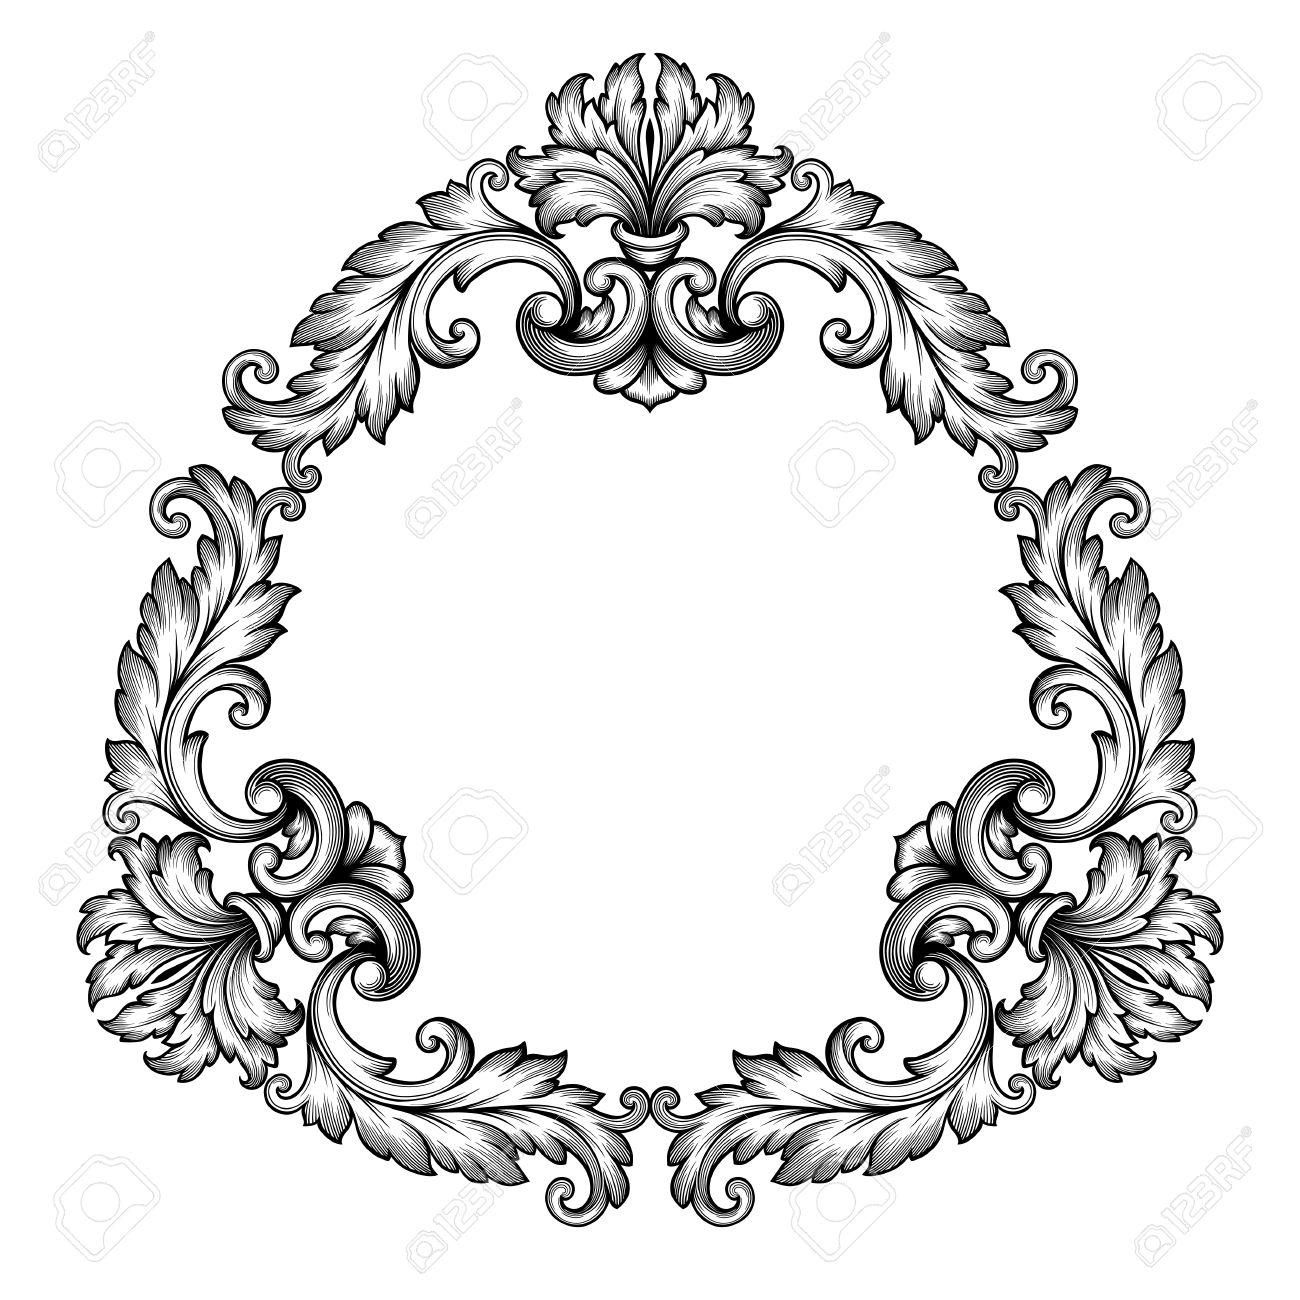 1300x1300 Vintage Baroque Scroll Design Frame Engraving Acanthus Floral